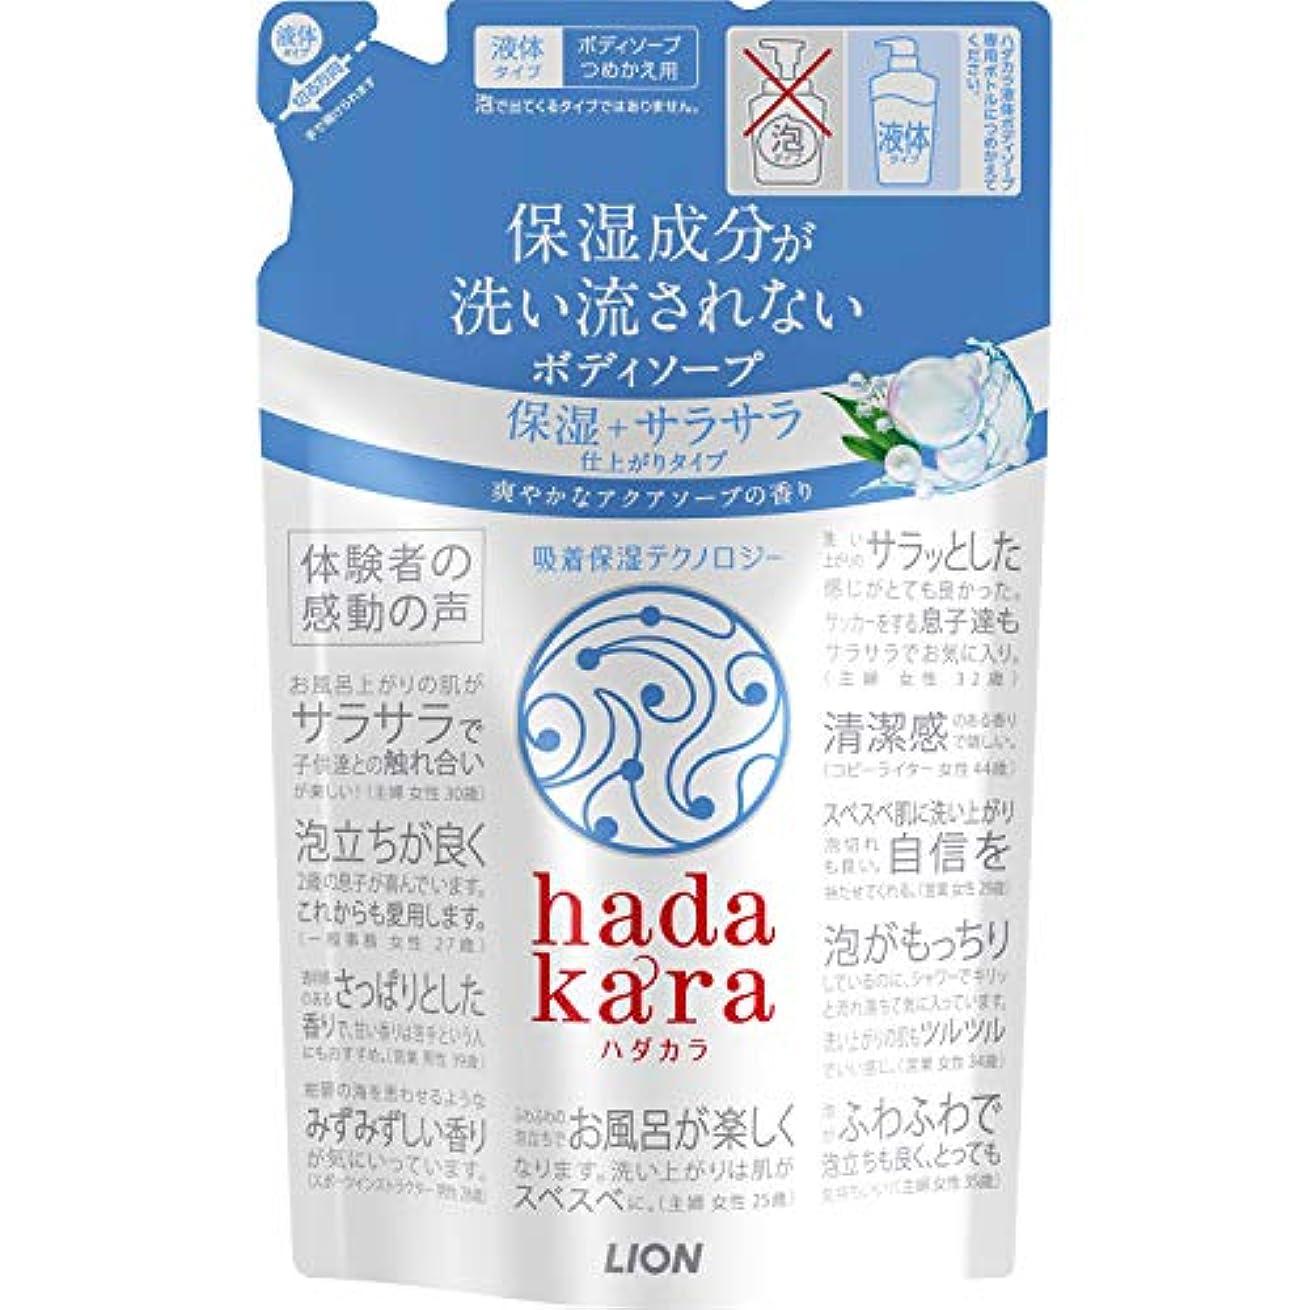 学んだ終点計画hadakara(ハダカラ) ボディソープ 保湿+サラサラ仕上がりタイプ アクアソープの香り 詰め替え 340ml